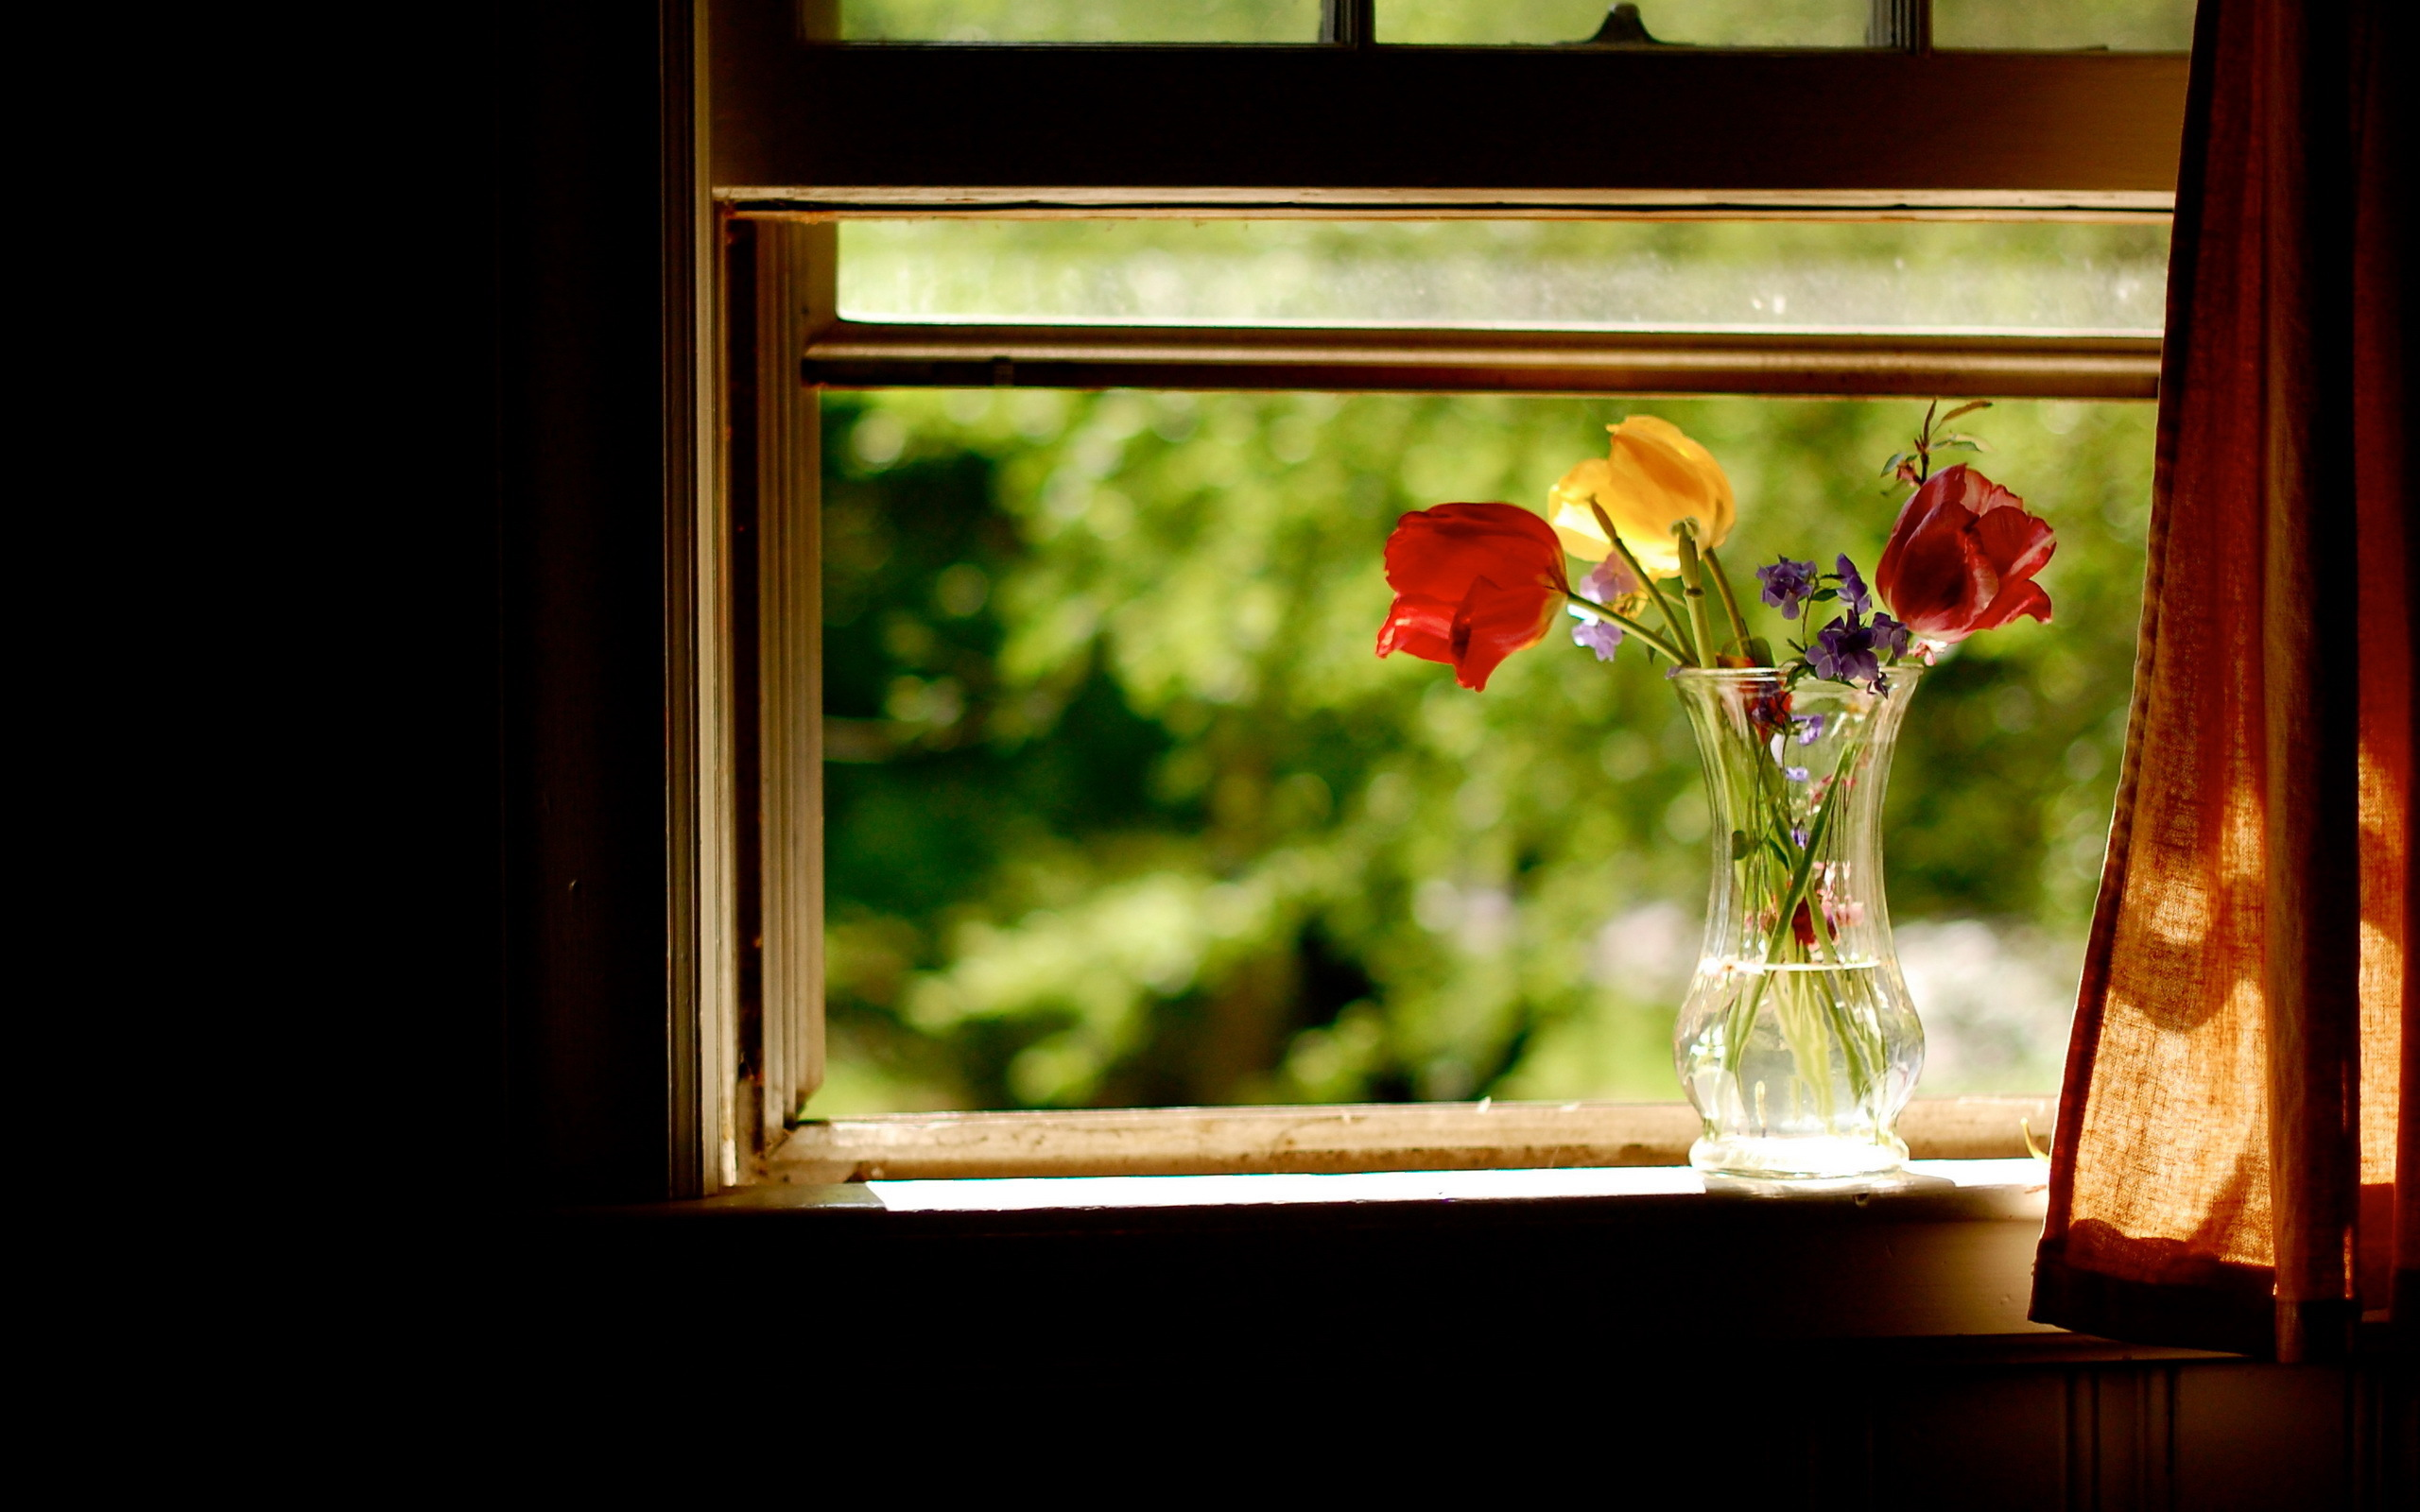 flowers wallpaper window